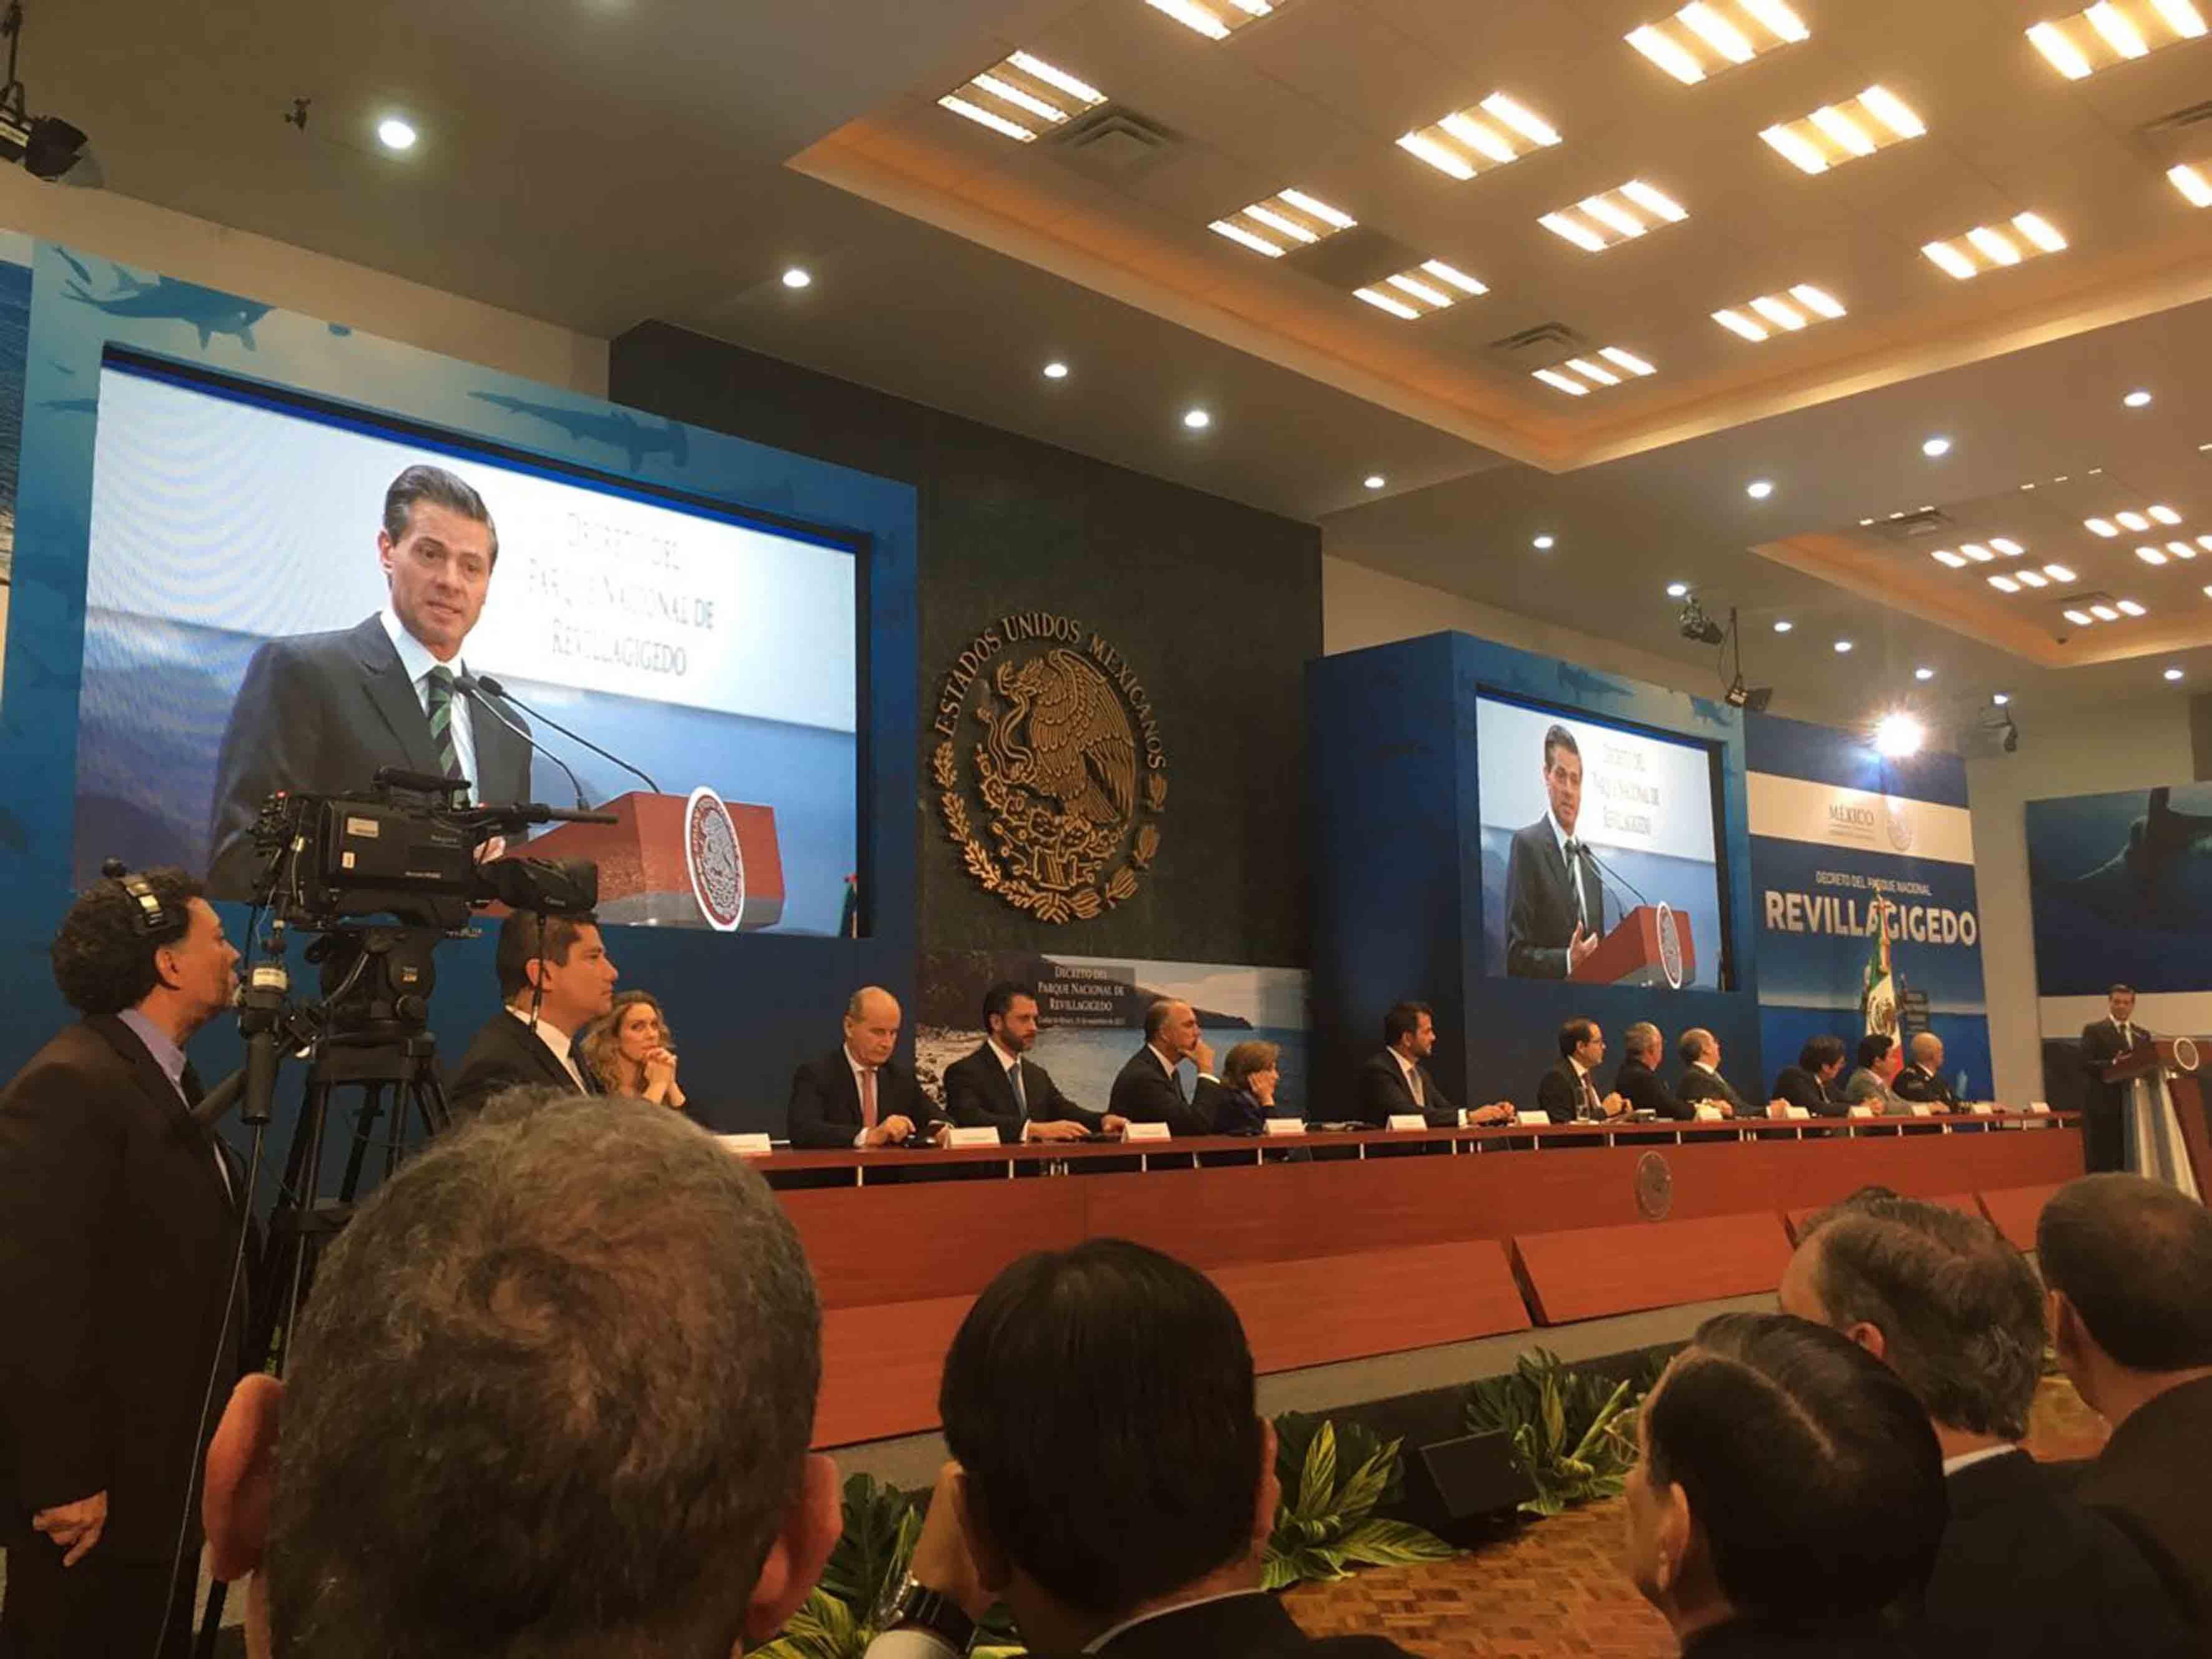 Presidente de México, Enrique Peña Nieto, informando sobre el decreto para la creación del Parque Nacional Revillagigedo.